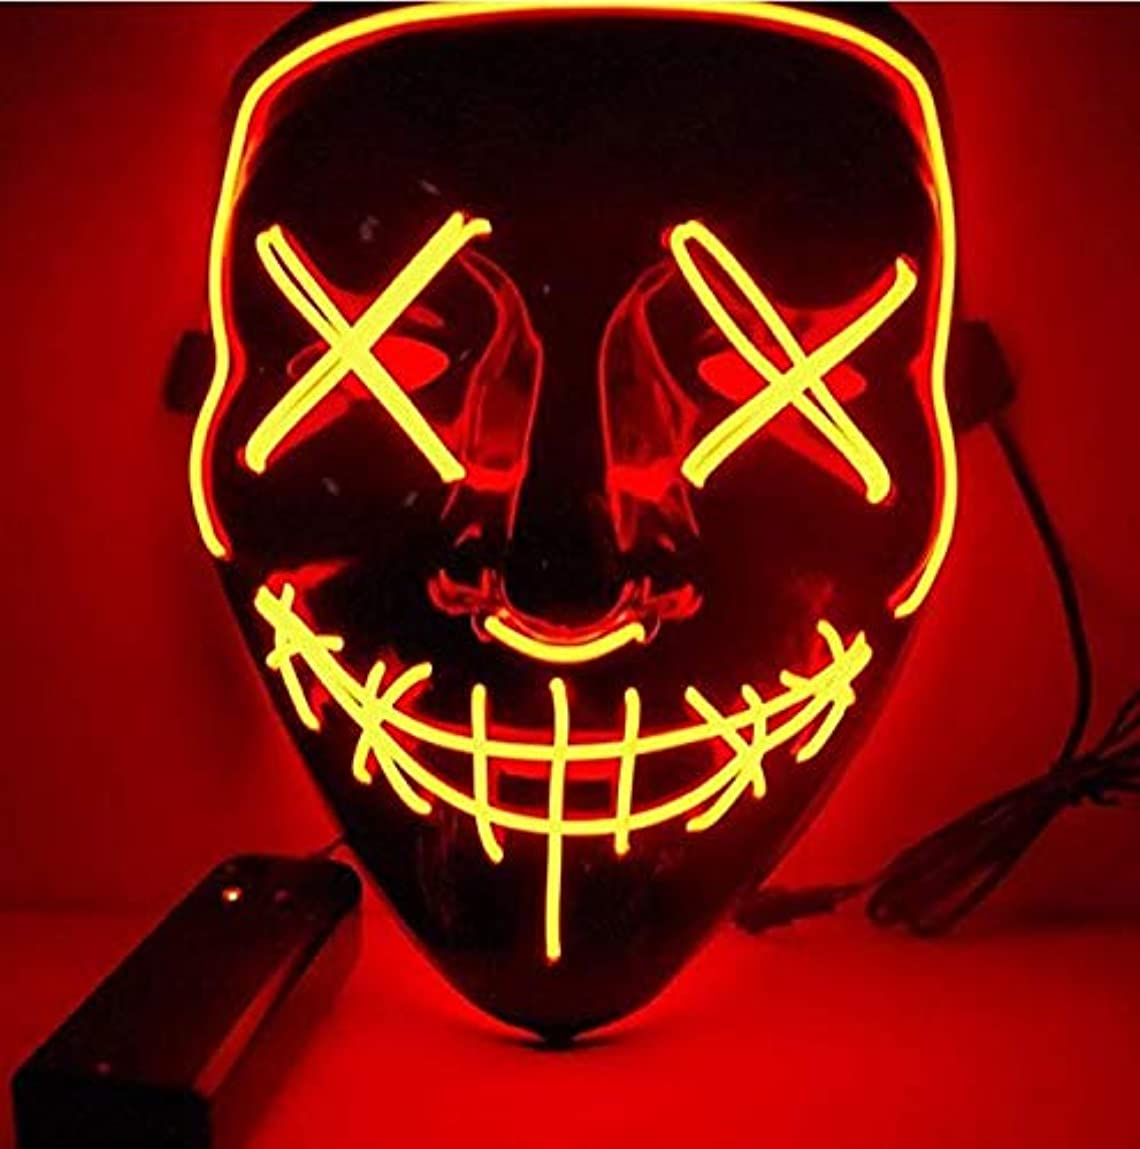 付与郡口述するハロウィンマスクLEDライトアップパーティーマスクコスプレコスチュームサプライ暗闇で光る (Color : ROSE RED)